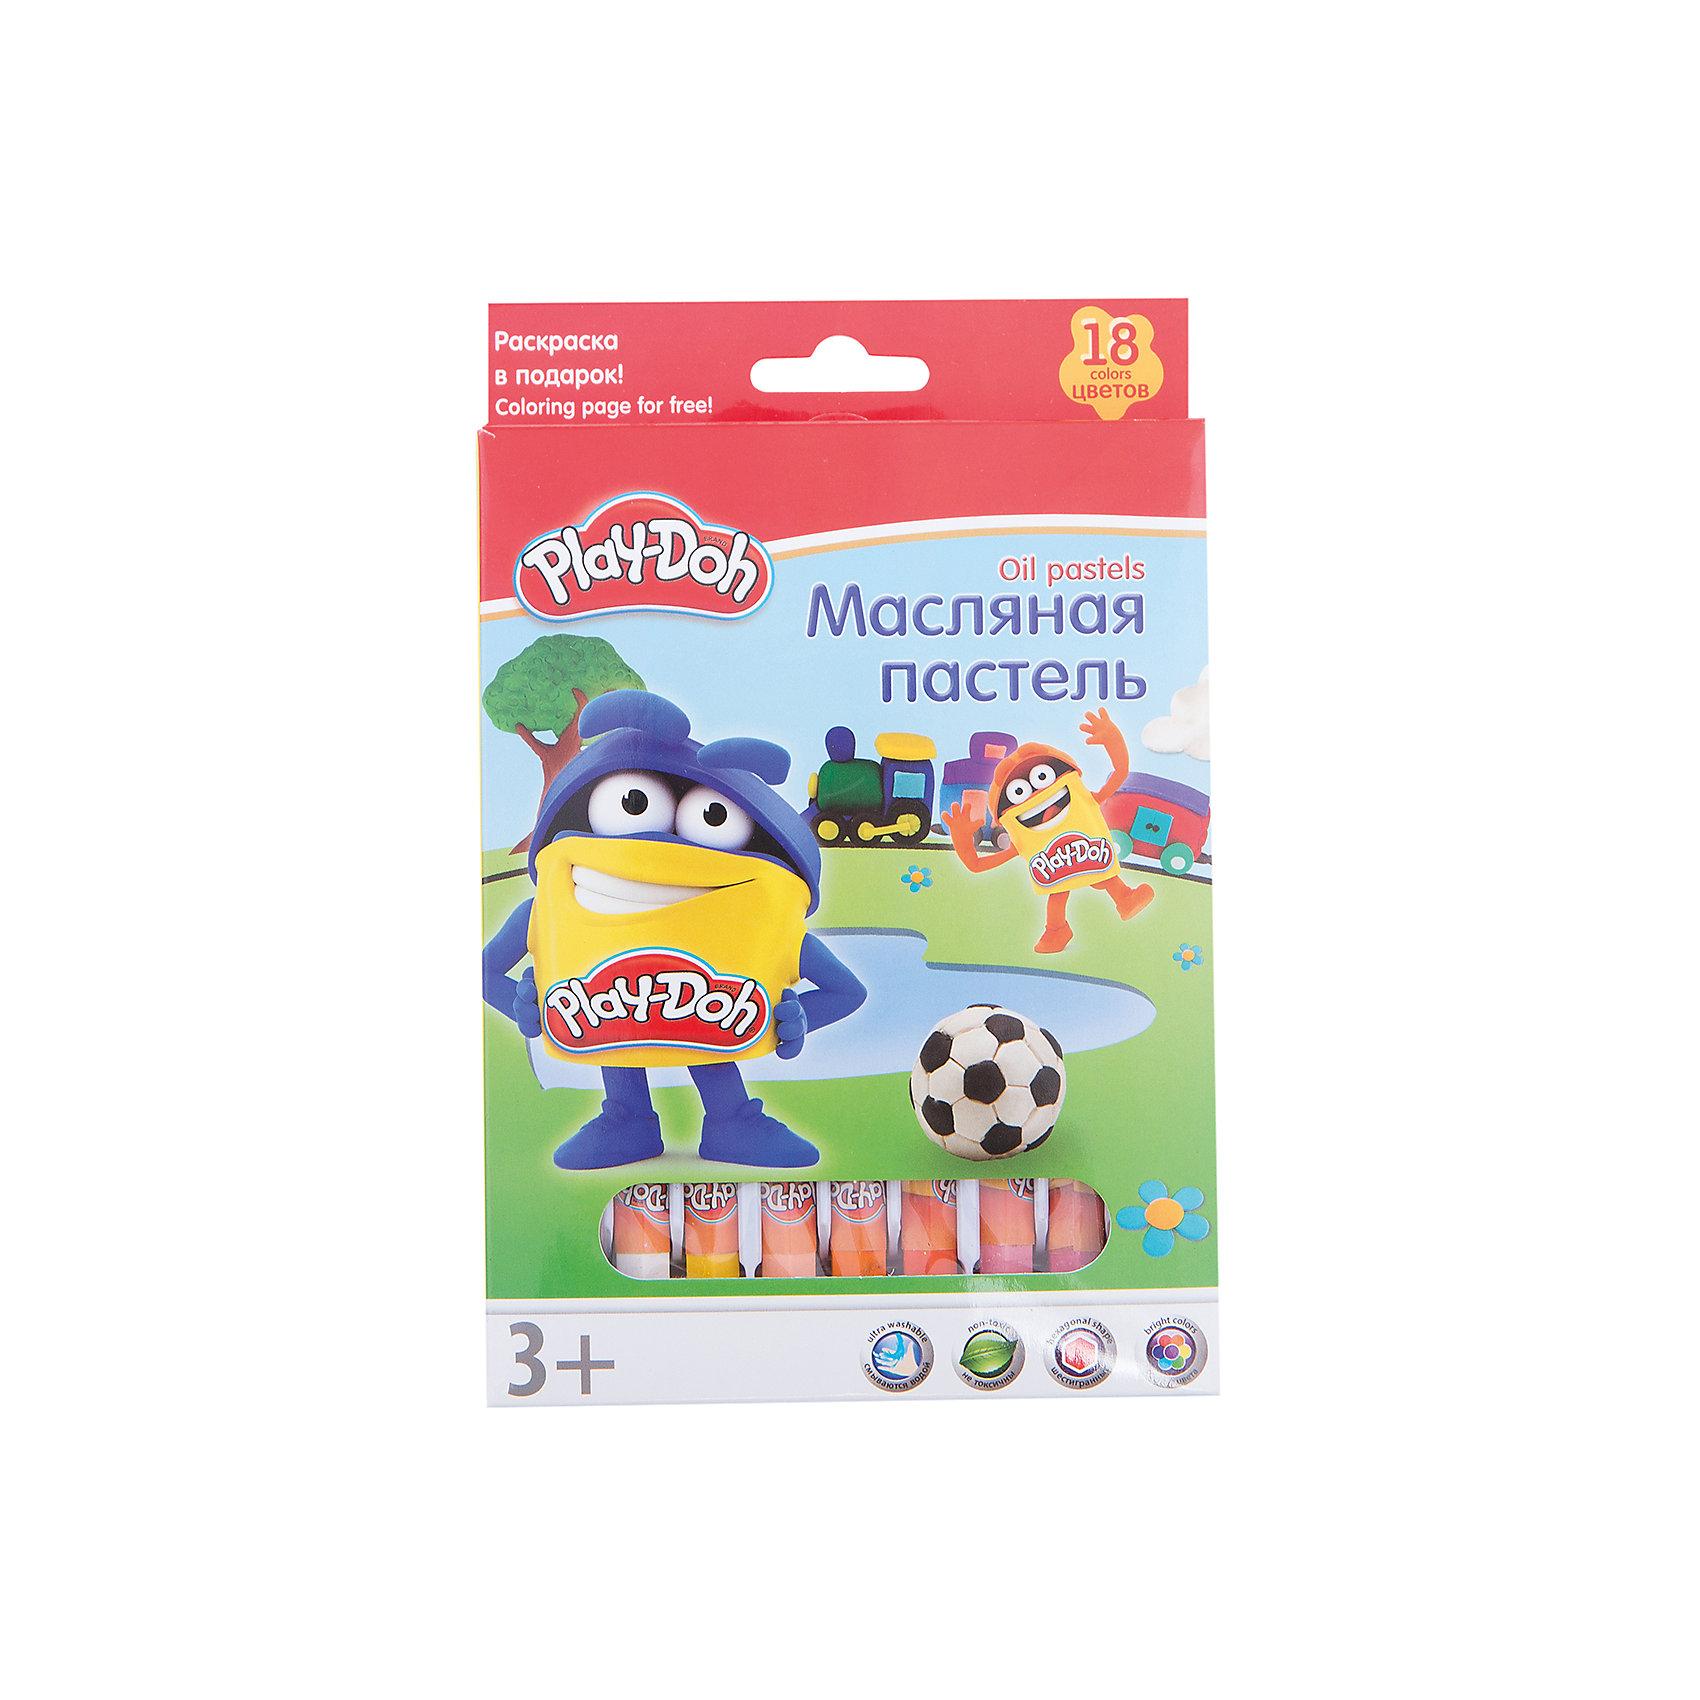 Play-Doh Масляная пастель 18 цветов в картонной коробке + 2 раскраски Размер 19,8 х 13 х 1,8 см.Масляные и восковые мелки<br>Характеристики товара:<br><br>• в комплекте: 18 мелков, 2 раскраски;<br>• размер мелка: 7,2х1,1 см;<br>• возраст: от 3-х лет;<br>• размер упаковки: 1,8х13х19,8 см;<br>• вес: 198 грамм;<br>• страна: Китай.<br><br>С масляной пастелью ребенок создаст яркие и красивые рисунки, которые станут украшением любого дома. В комплект входят 18 мелков и 2 раскраски.<br><br>Мелки имеет обертку, чтобы ребенок не испачкался во время рисования. Пастель хорошо ложится на поверхность, оставляя мягкие штрихи.<br><br>Play-Doh (Плей До) Масляную пастель 18 цветов в картонной коробке + 2 раскраски Размер 19,8 х 13 х 1,8 см можно купить в нашем интернет-магазине.<br><br>Ширина мм: 198<br>Глубина мм: 130<br>Высота мм: 18<br>Вес г: 200<br>Возраст от месяцев: 36<br>Возраст до месяцев: 72<br>Пол: Унисекс<br>Возраст: Детский<br>SKU: 6892445